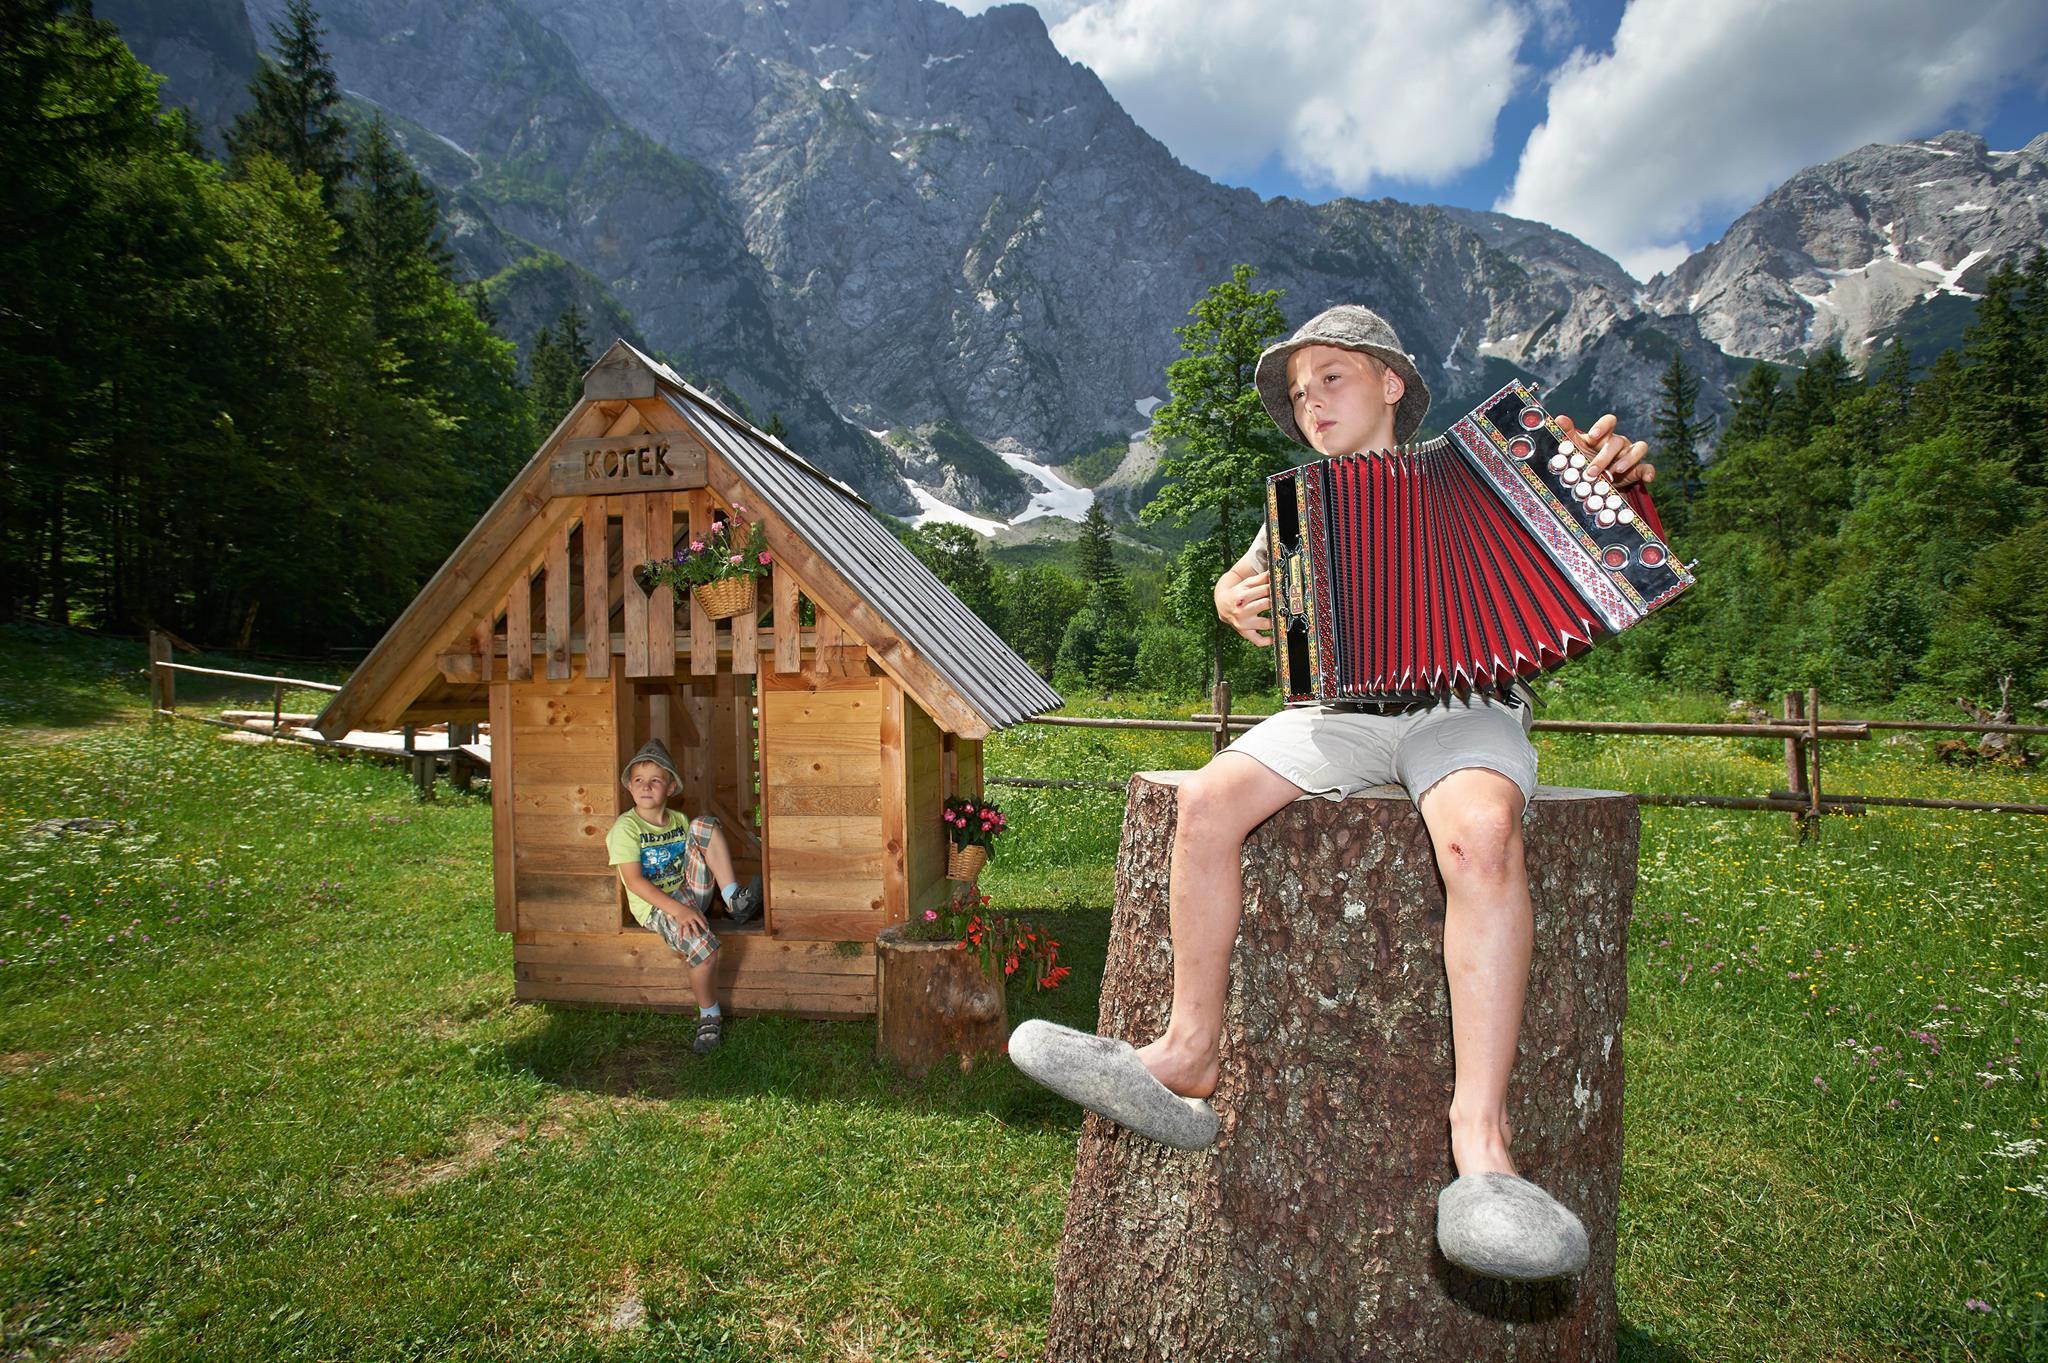 logar valley kot slovenia